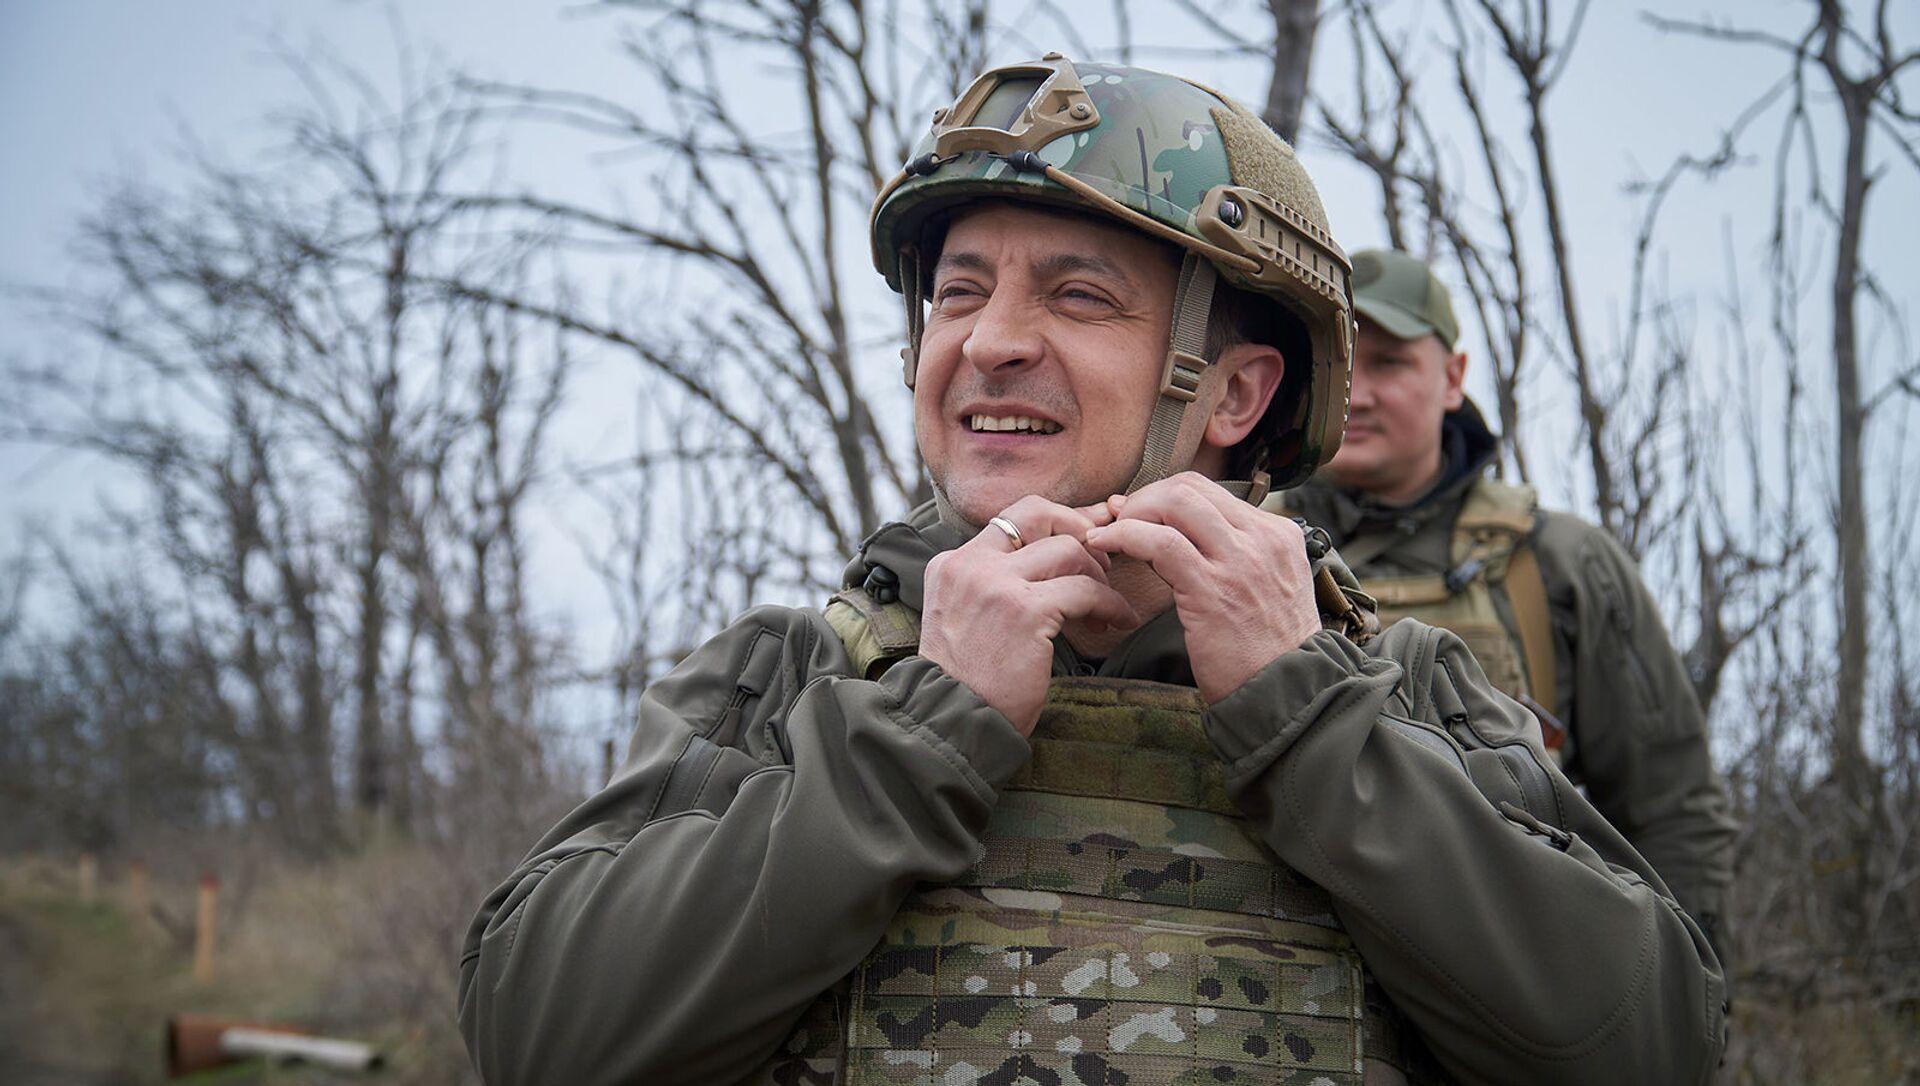 Президент Украины Владимир Зеленский посетил позиции вооруженных сил вблизи линии соприкосновения в Донбассе (9 апреля 2021). Украина - Sputnik Արմենիա, 1920, 21.08.2021